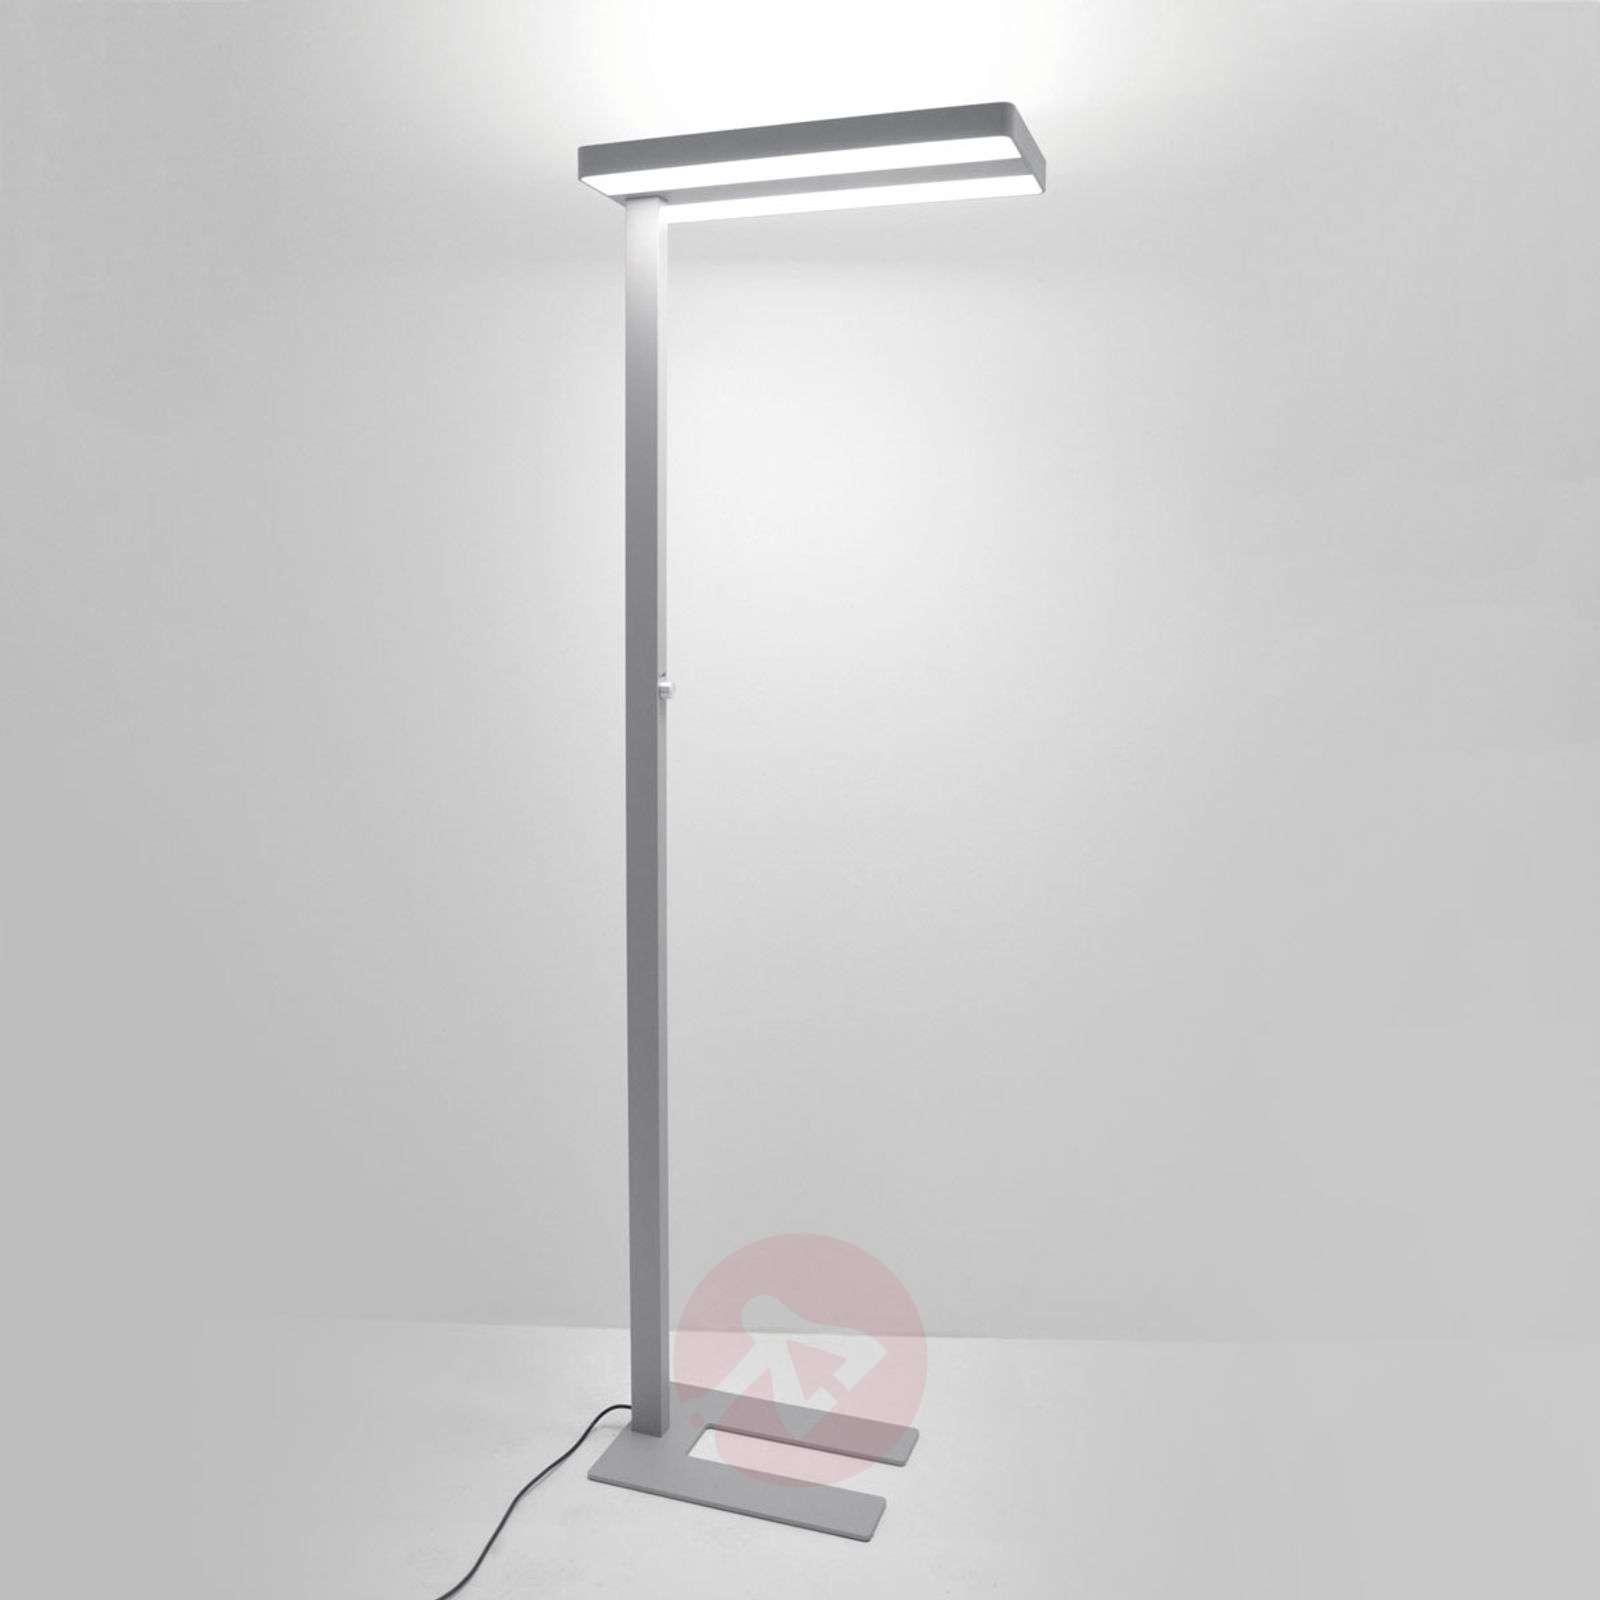 Logan – toimiston LED-lattiavalaisin, himmennin-9968008-012